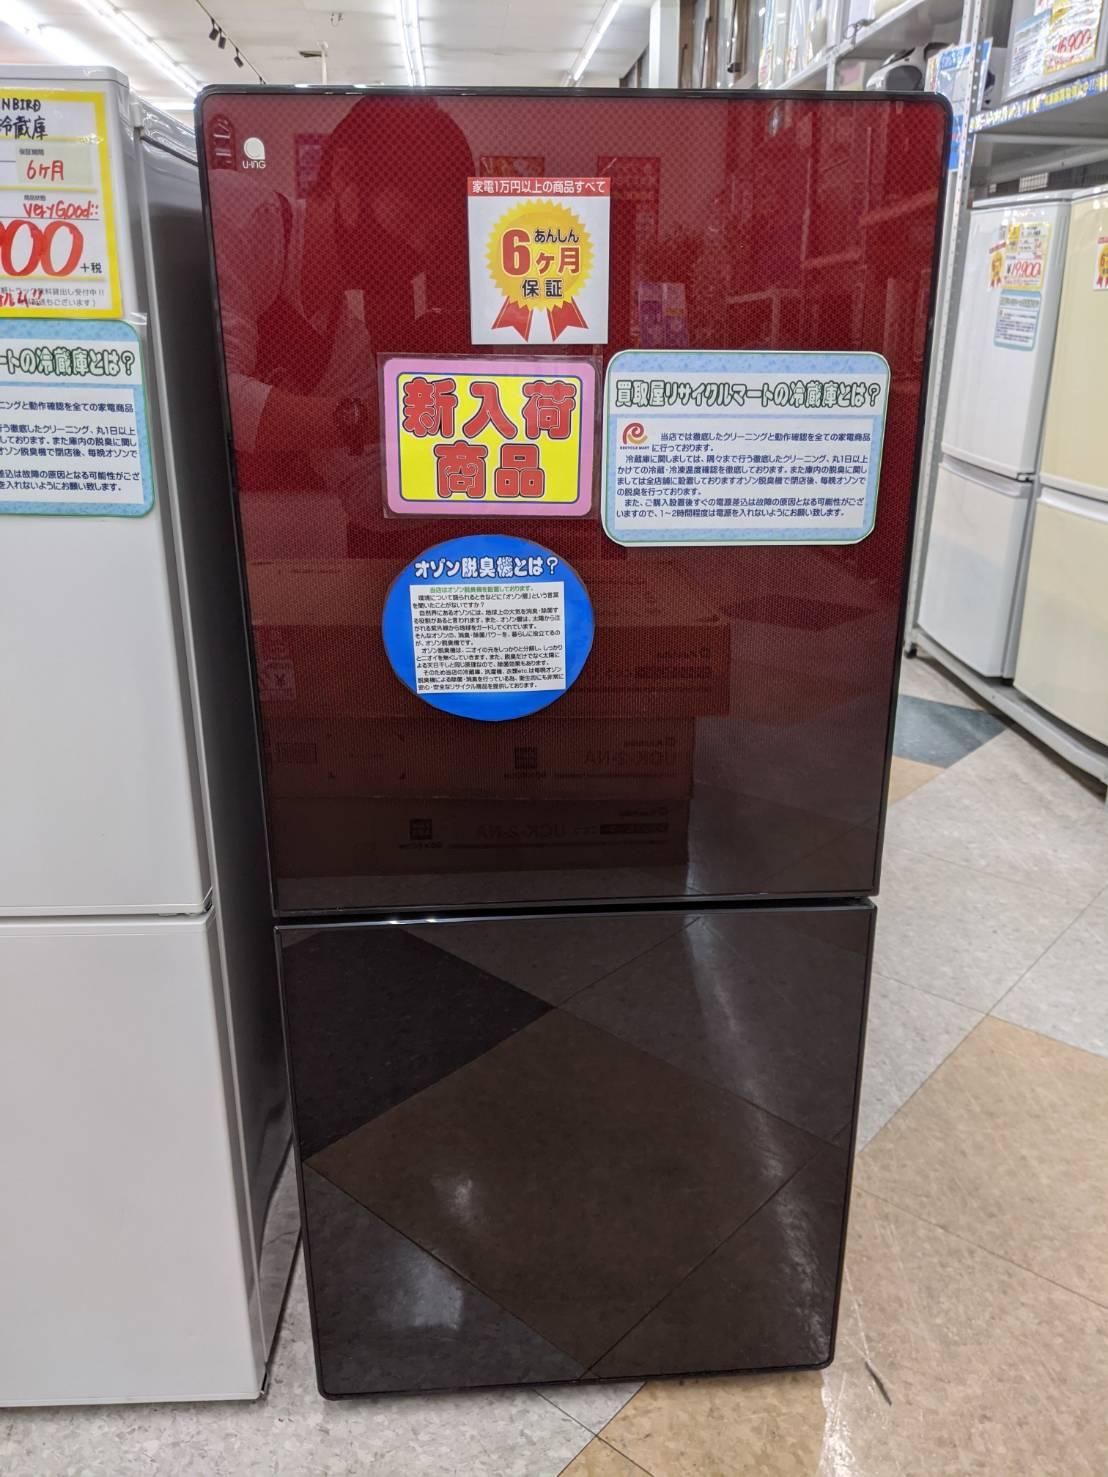 【U-ing/ユーイング 110L冷蔵庫 2018年式 UR-FG110J】の買取-